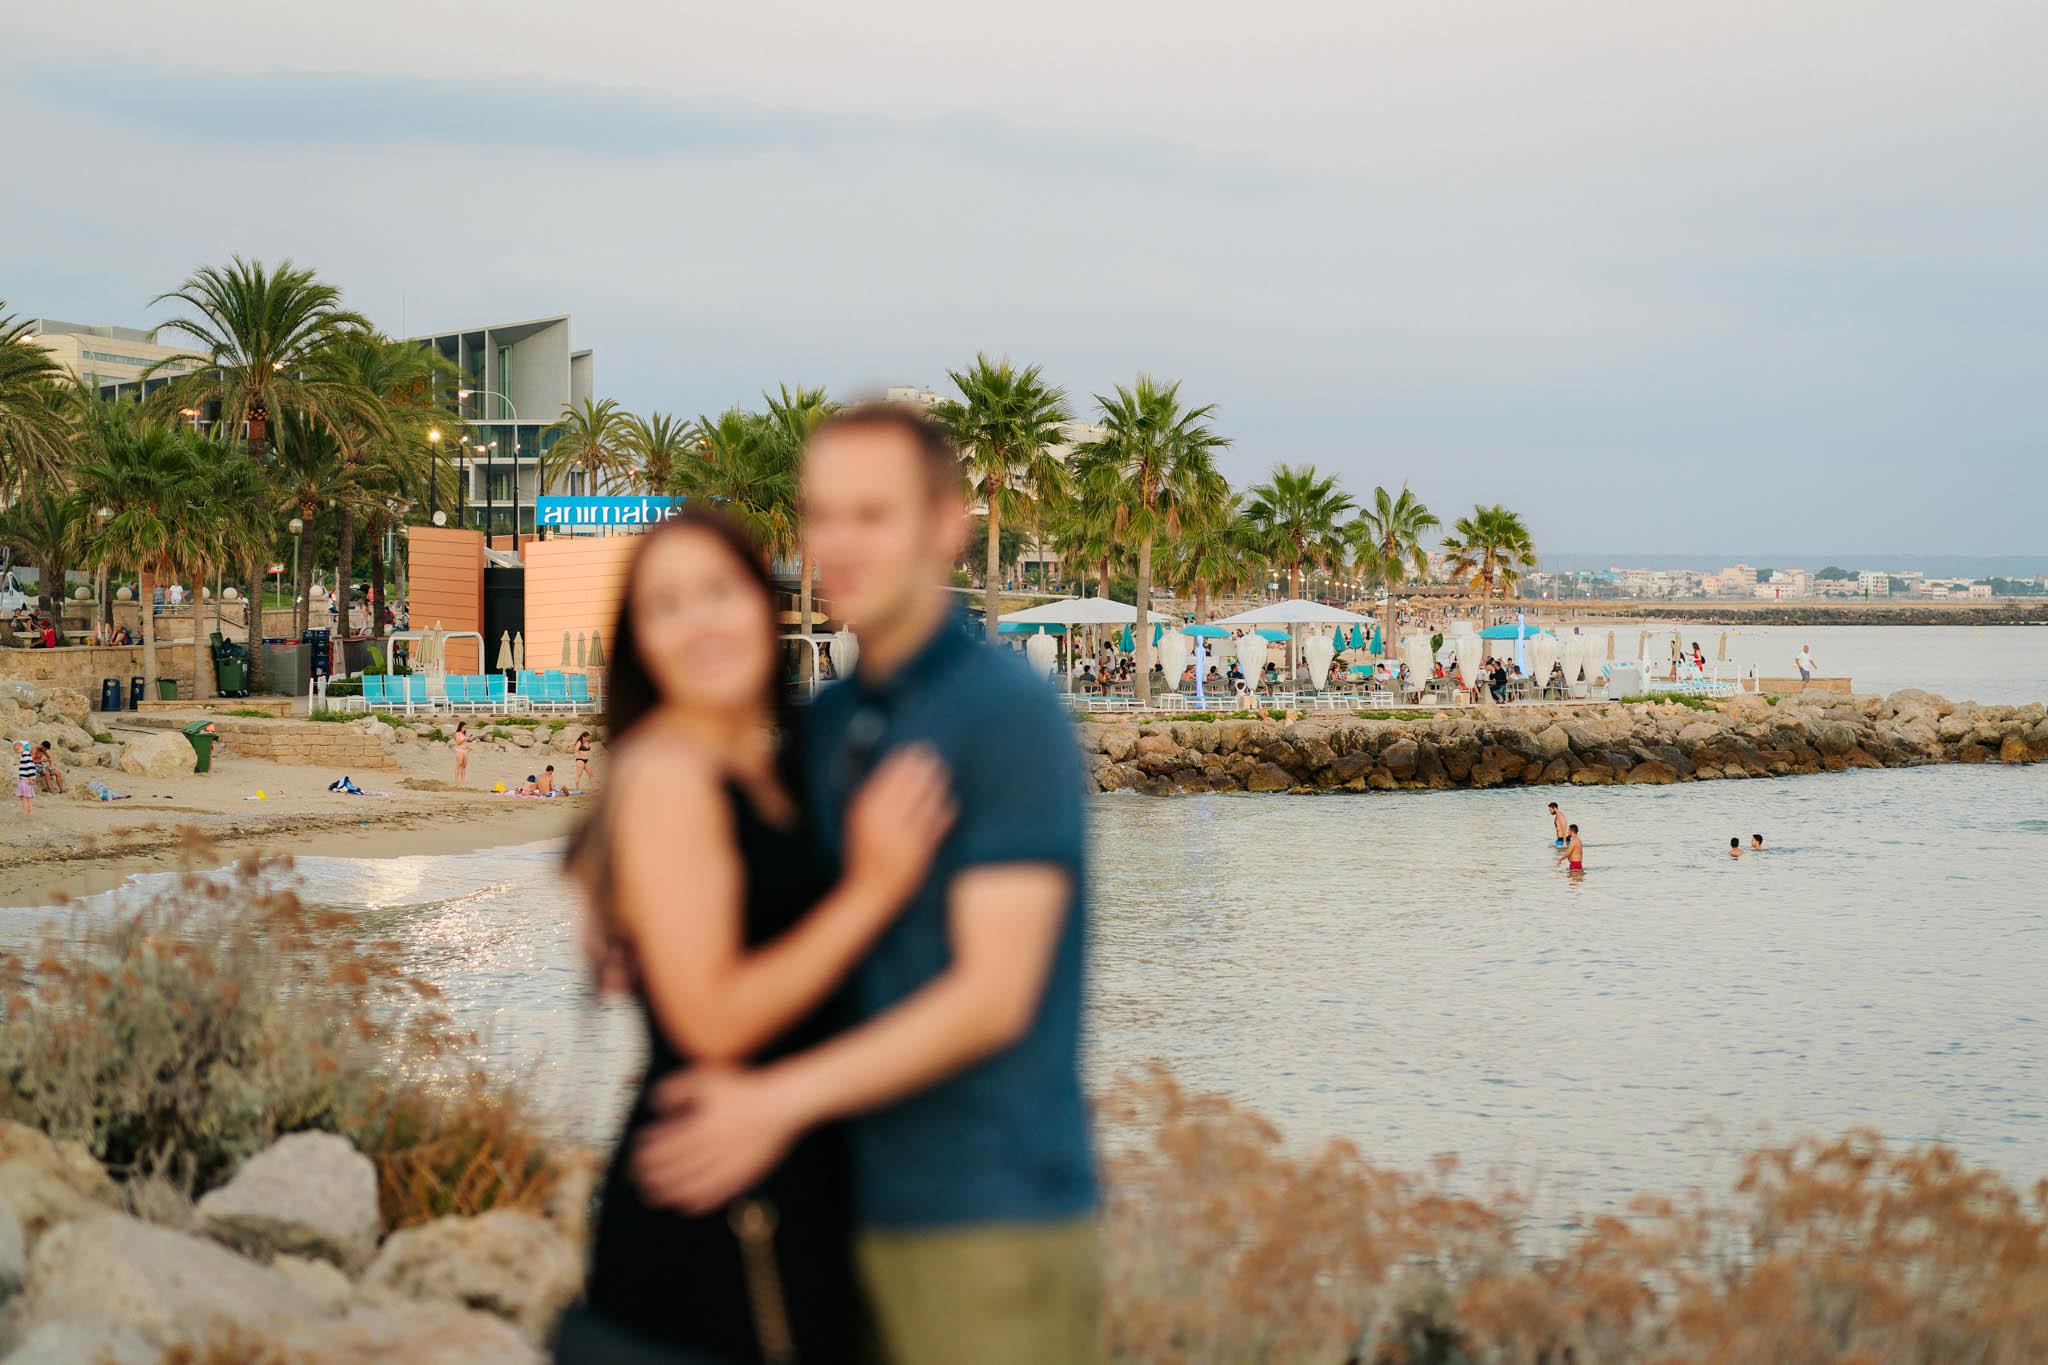 destination-wedding-photography-spain-palma-de-mallorca (77)